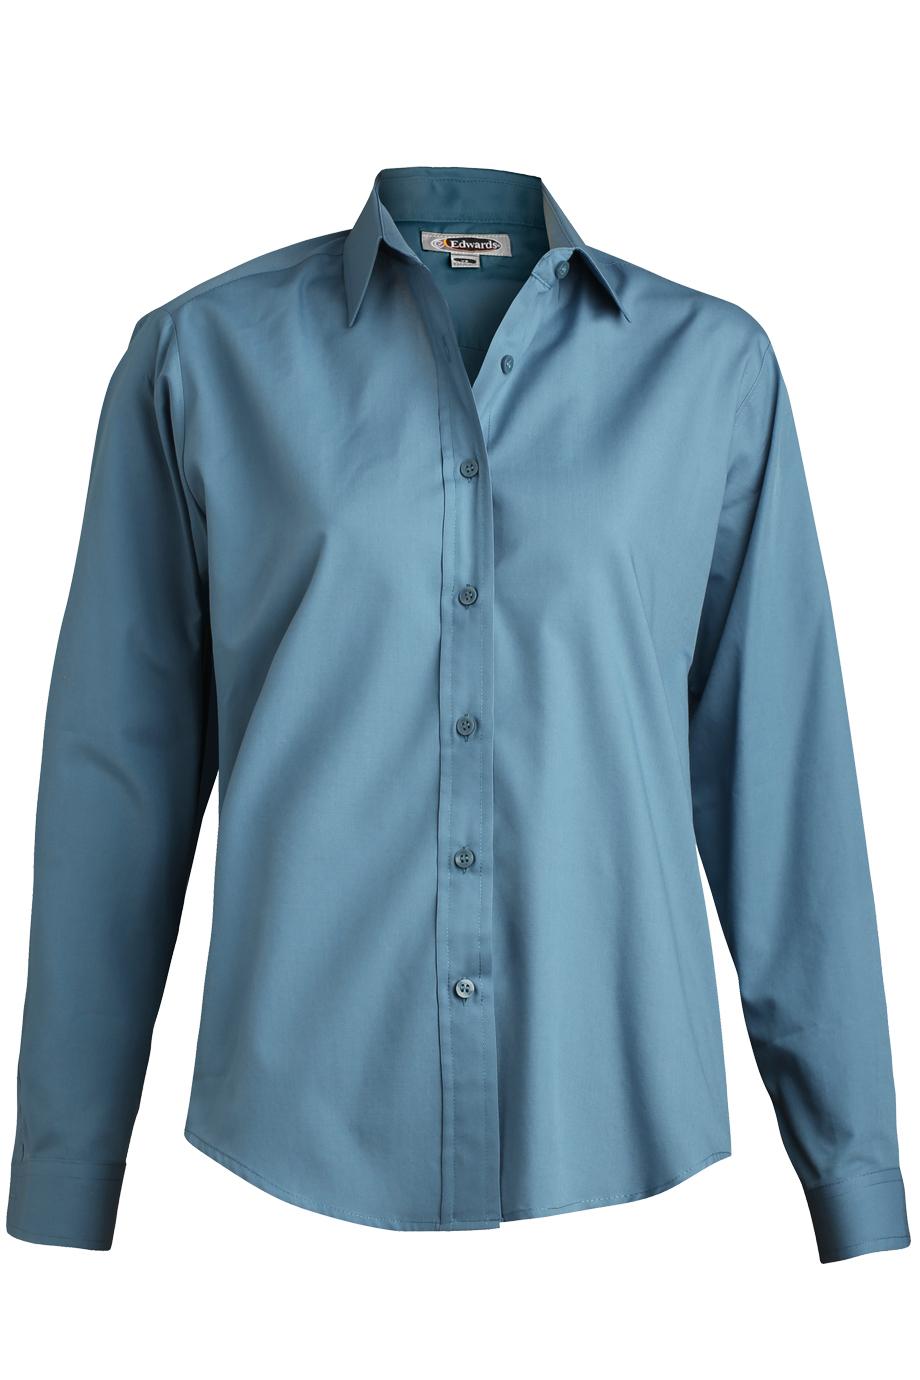 3f7f8552 Buy Edwards Ladies Long Sleeve Value Broadcloth Shirt - Edwards ...